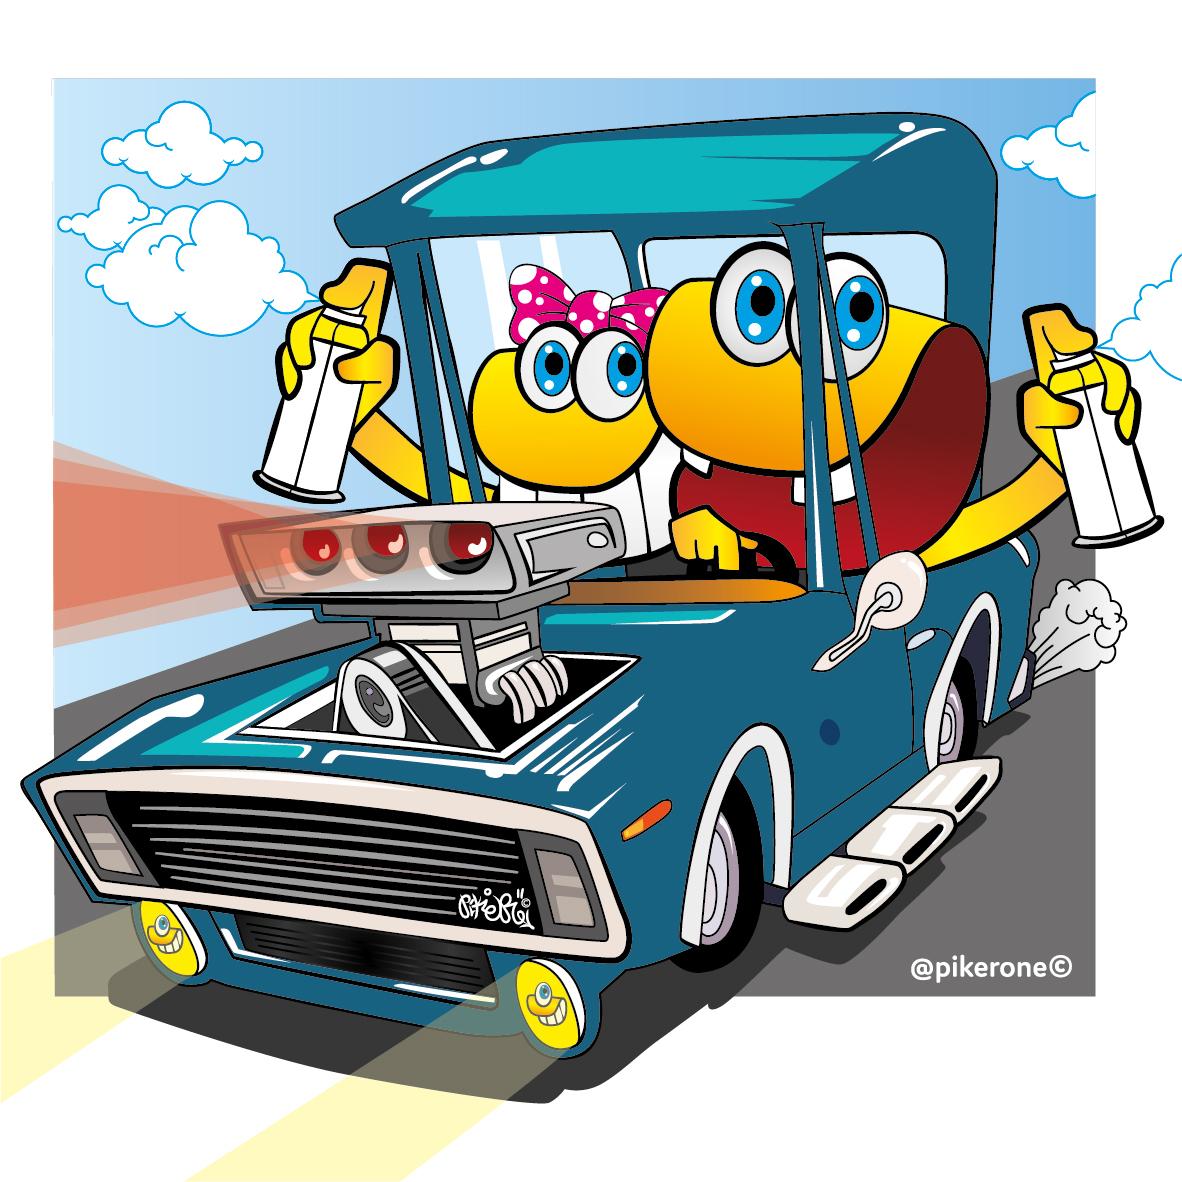 Clams ilustracion digital sport tunning car